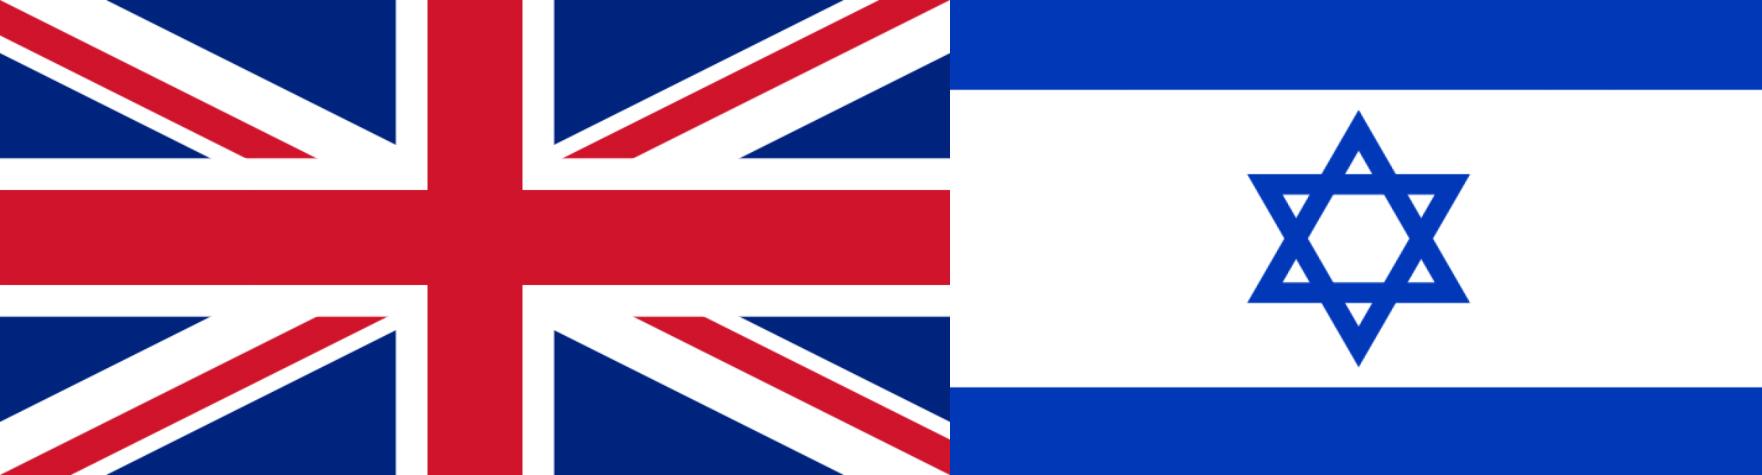 britain -isreal